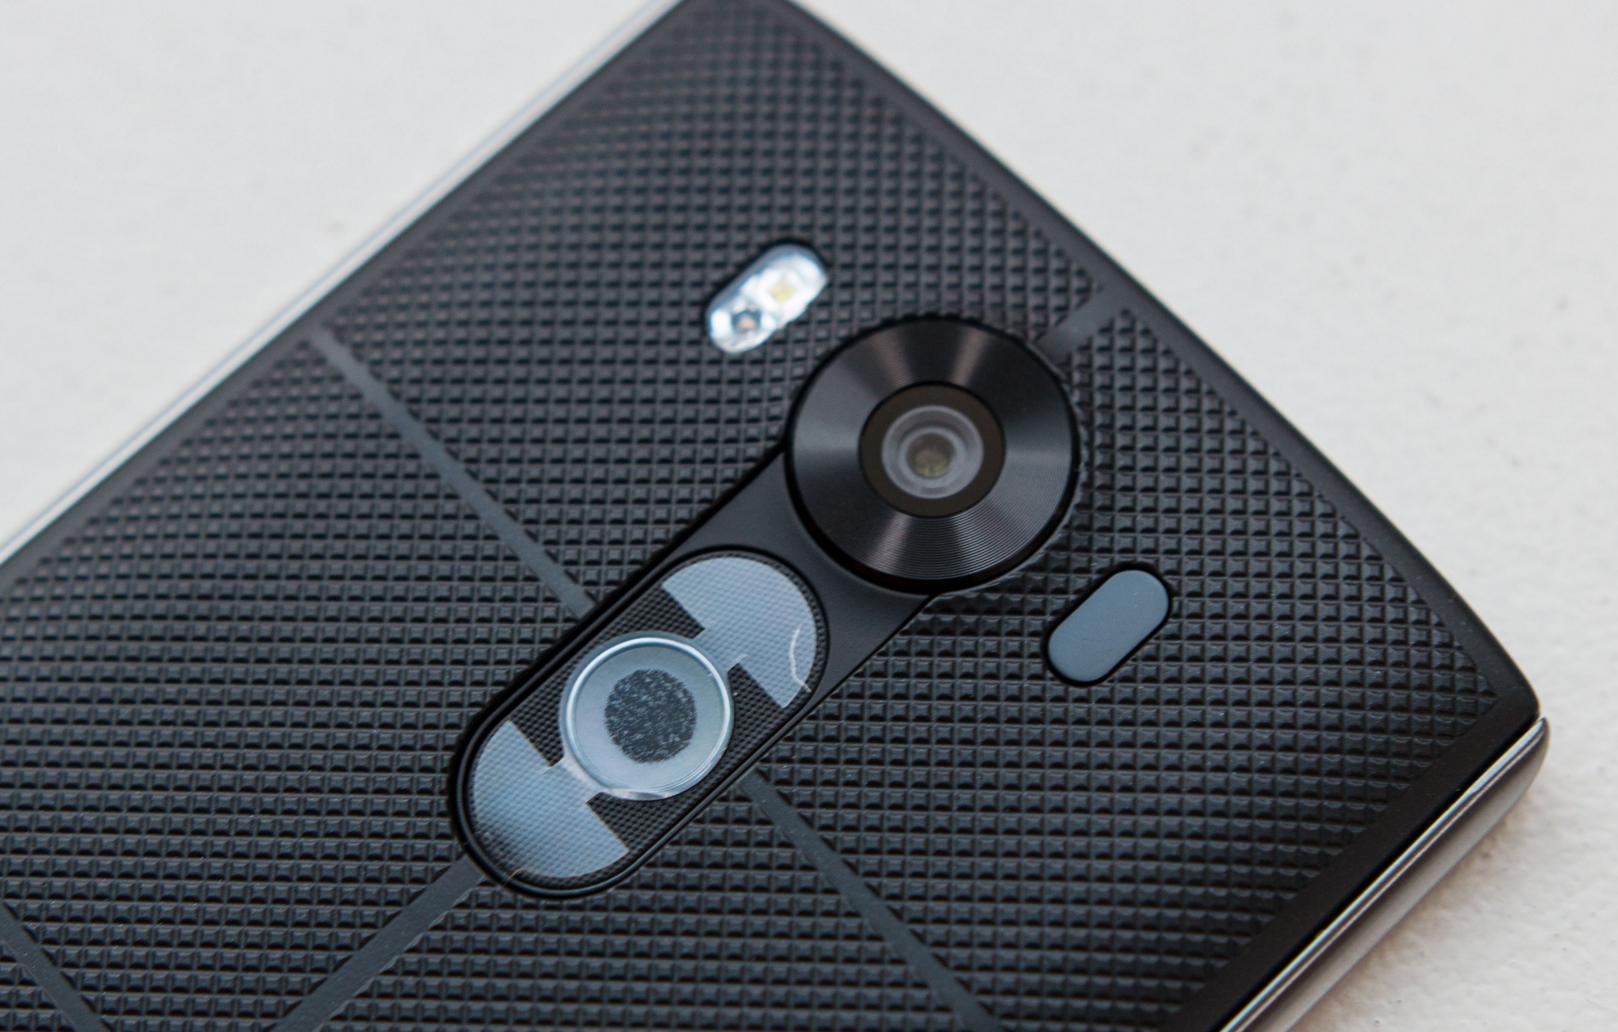 LG G5 : sur les traces du V10, l'appareil n'a jamais autant intrigué